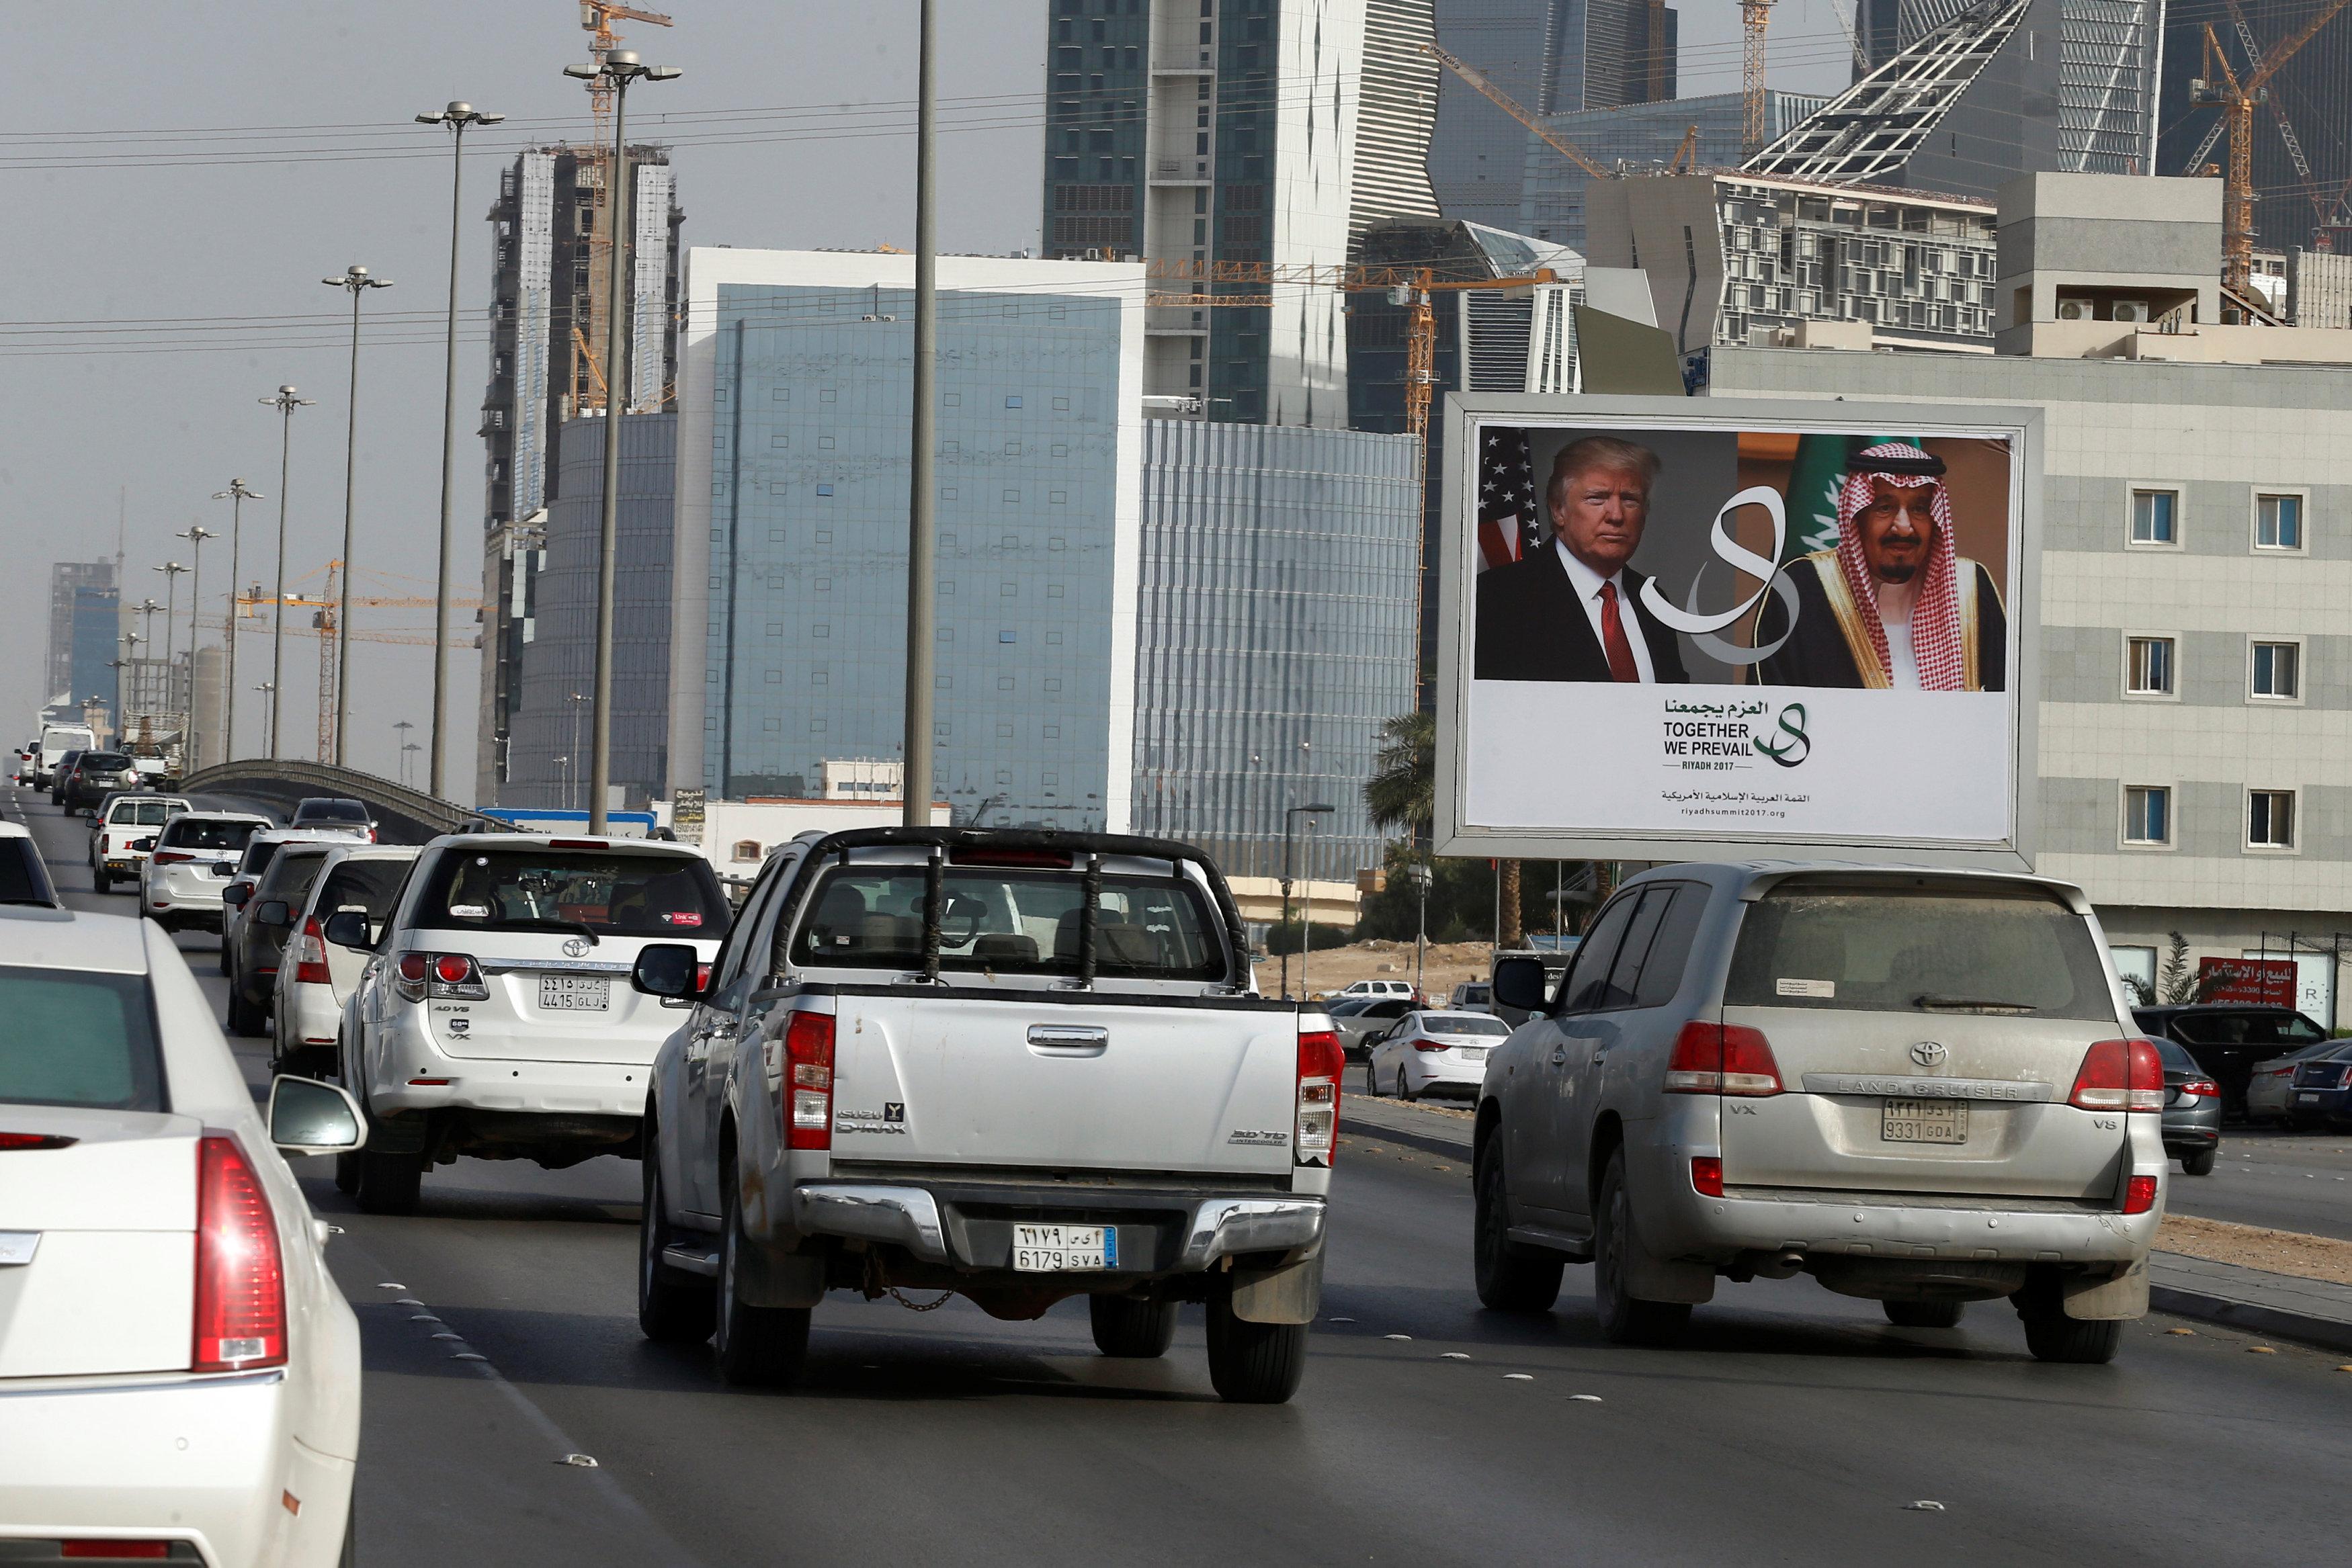 لافتات العاهل السعودى والرئيس الأمريكى فى شوارع مكة